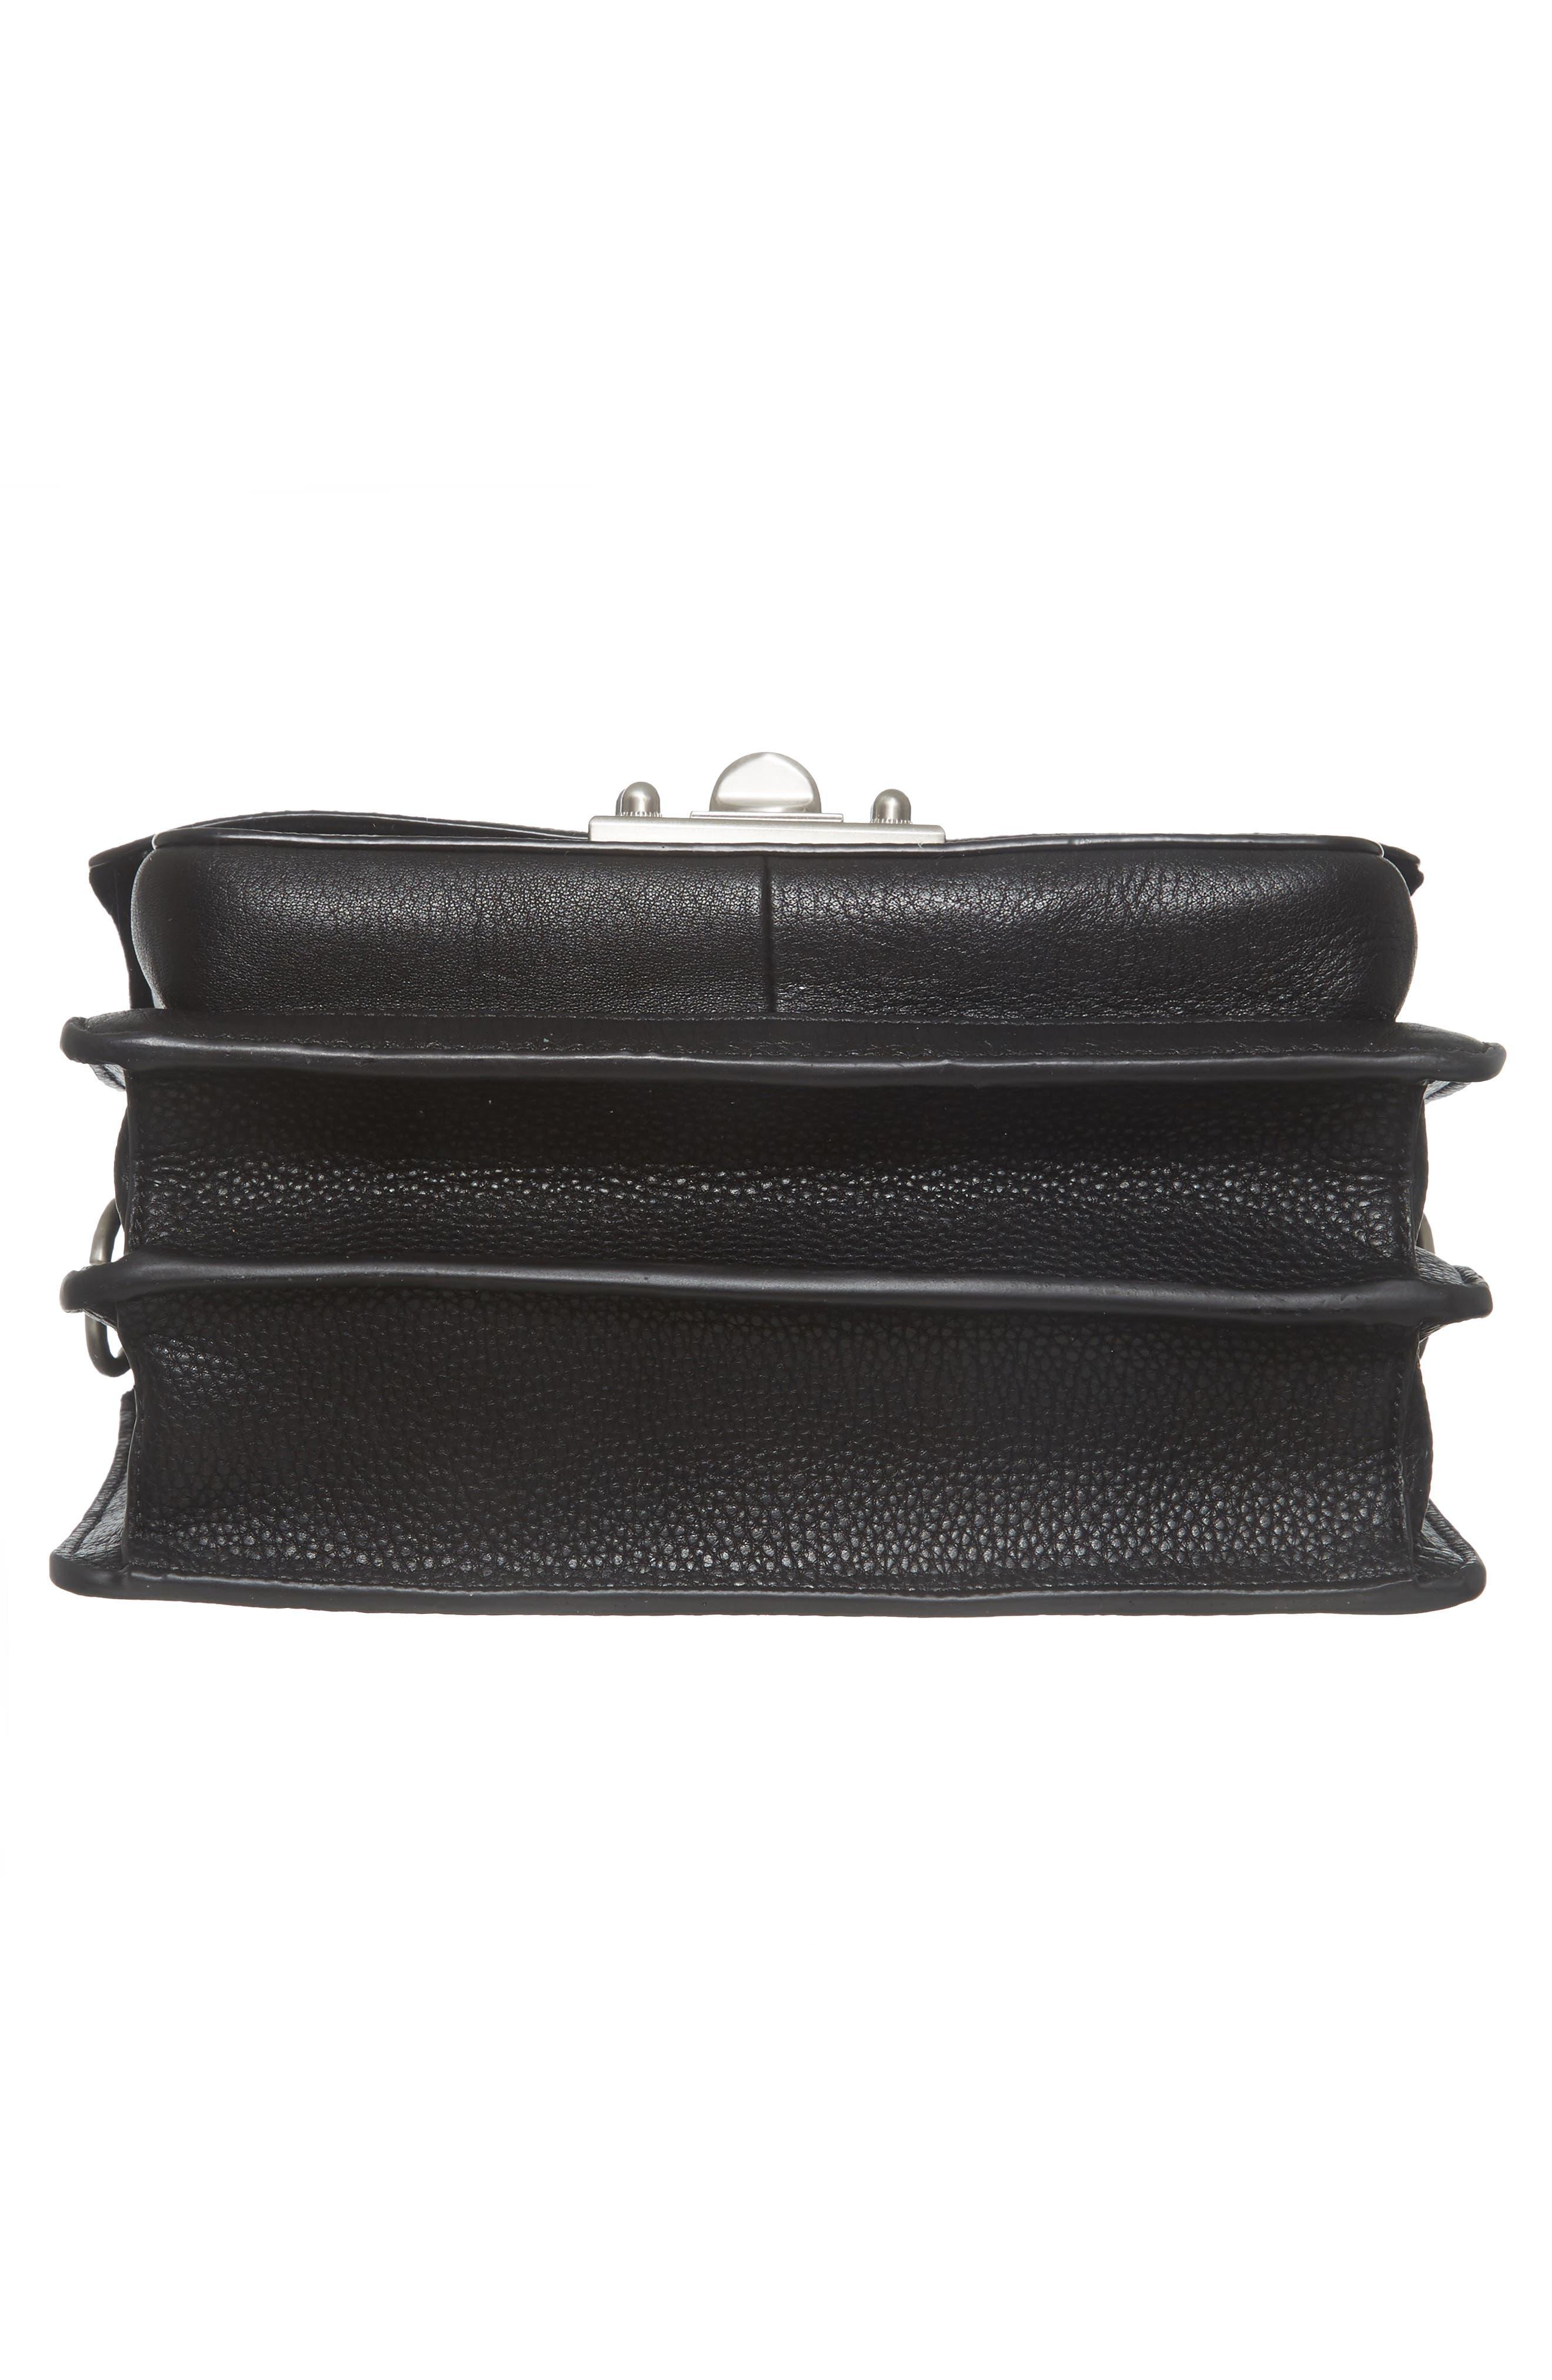 Gessica Leather Shoulder Bag,                             Alternate thumbnail 5, color,                             Black